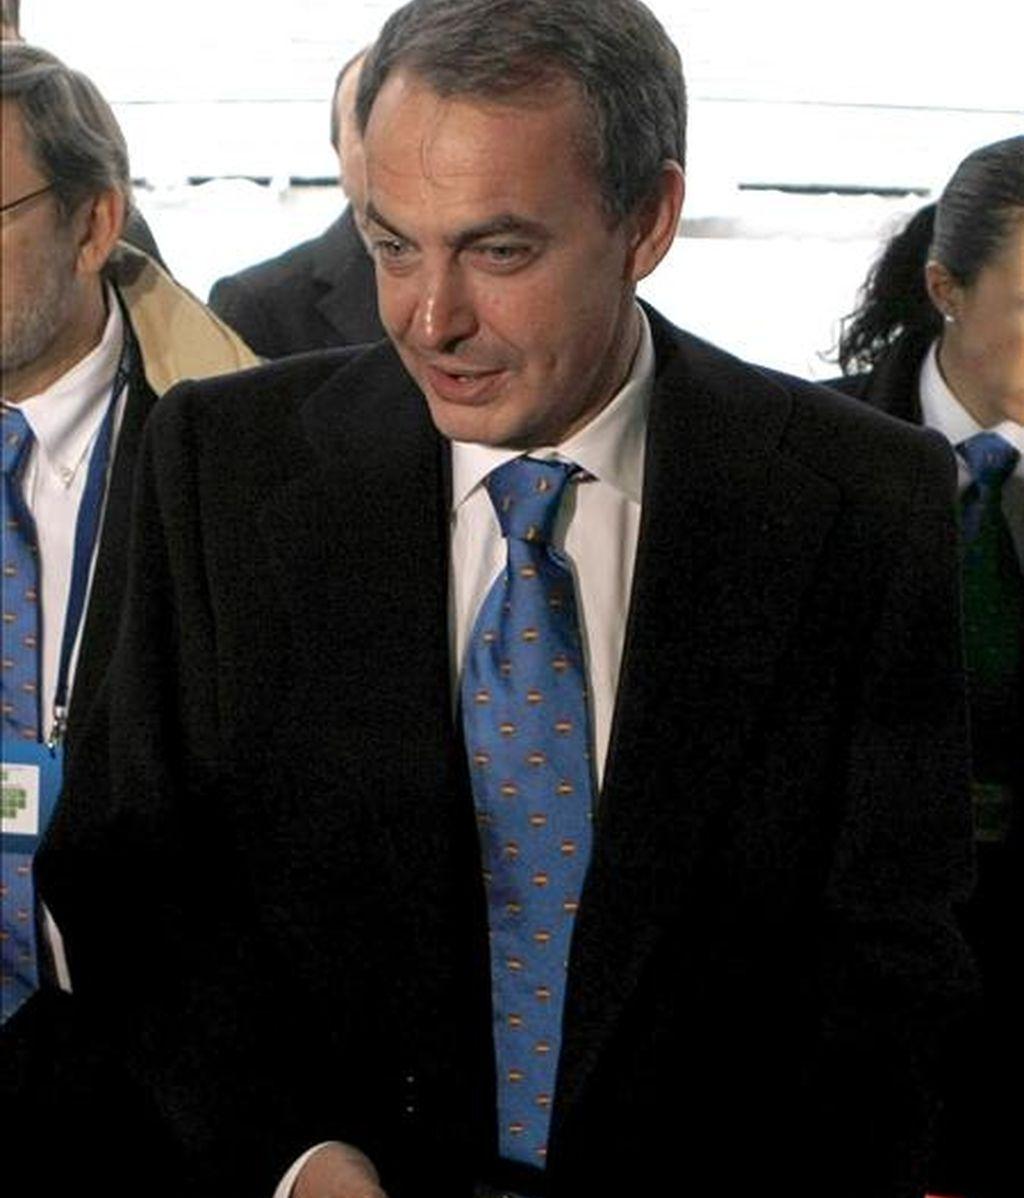 El presidente español, José Luis Rodriguez Zapatero. EFE